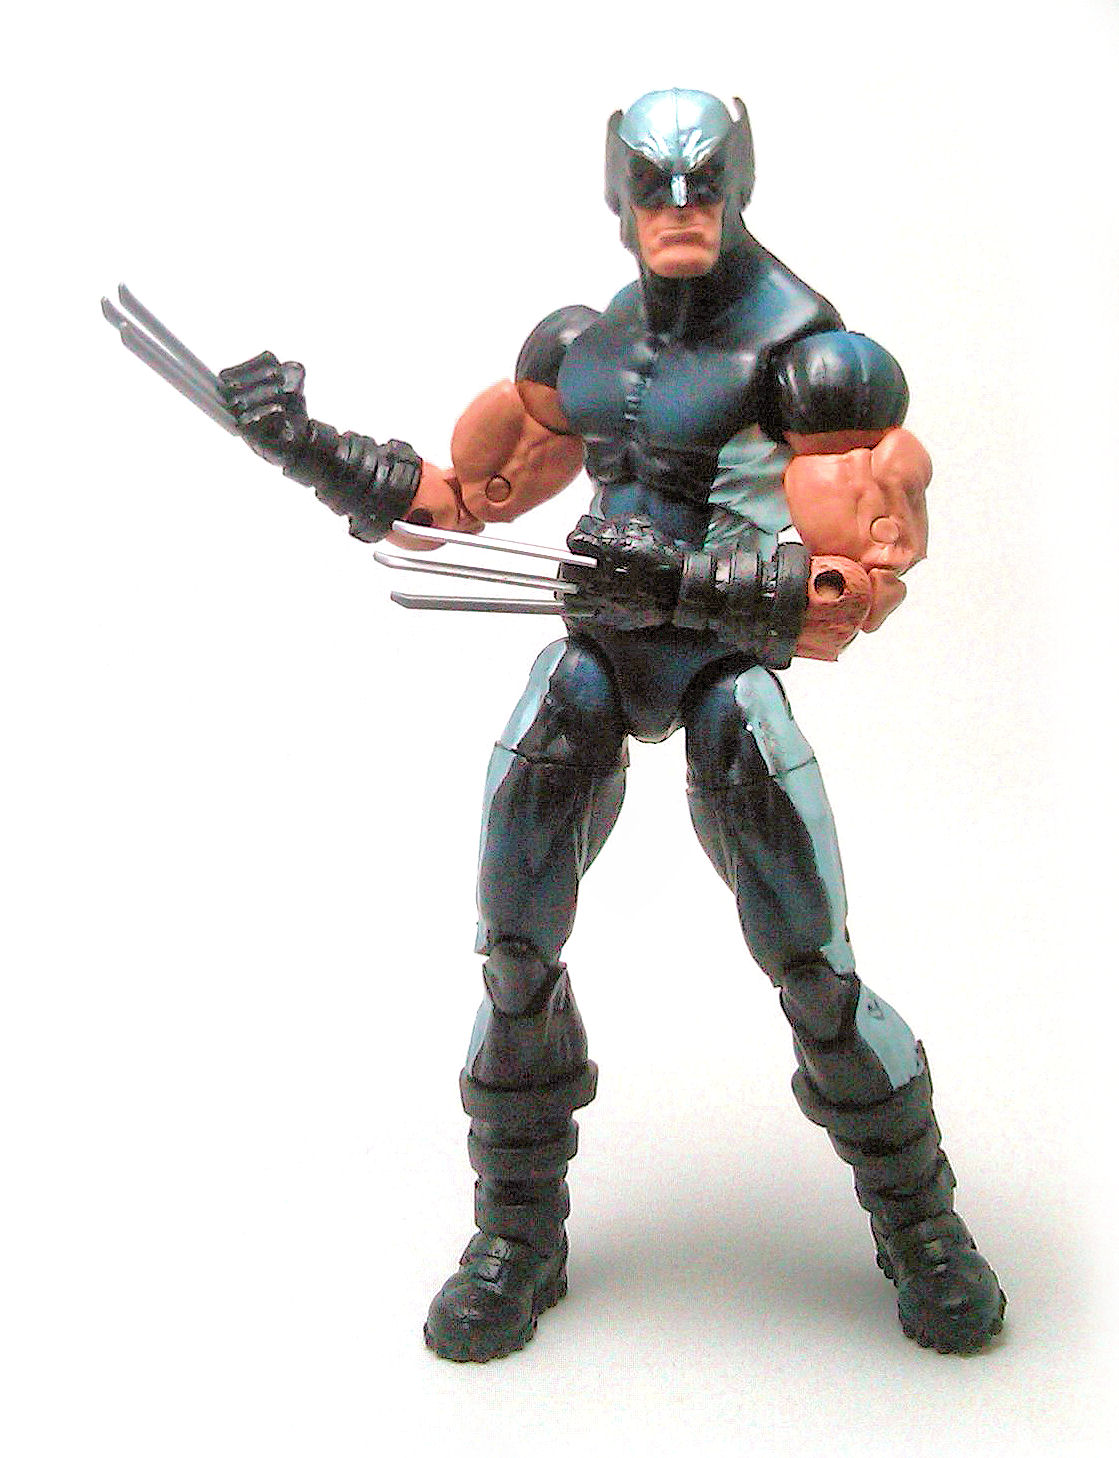 XF Wolverine